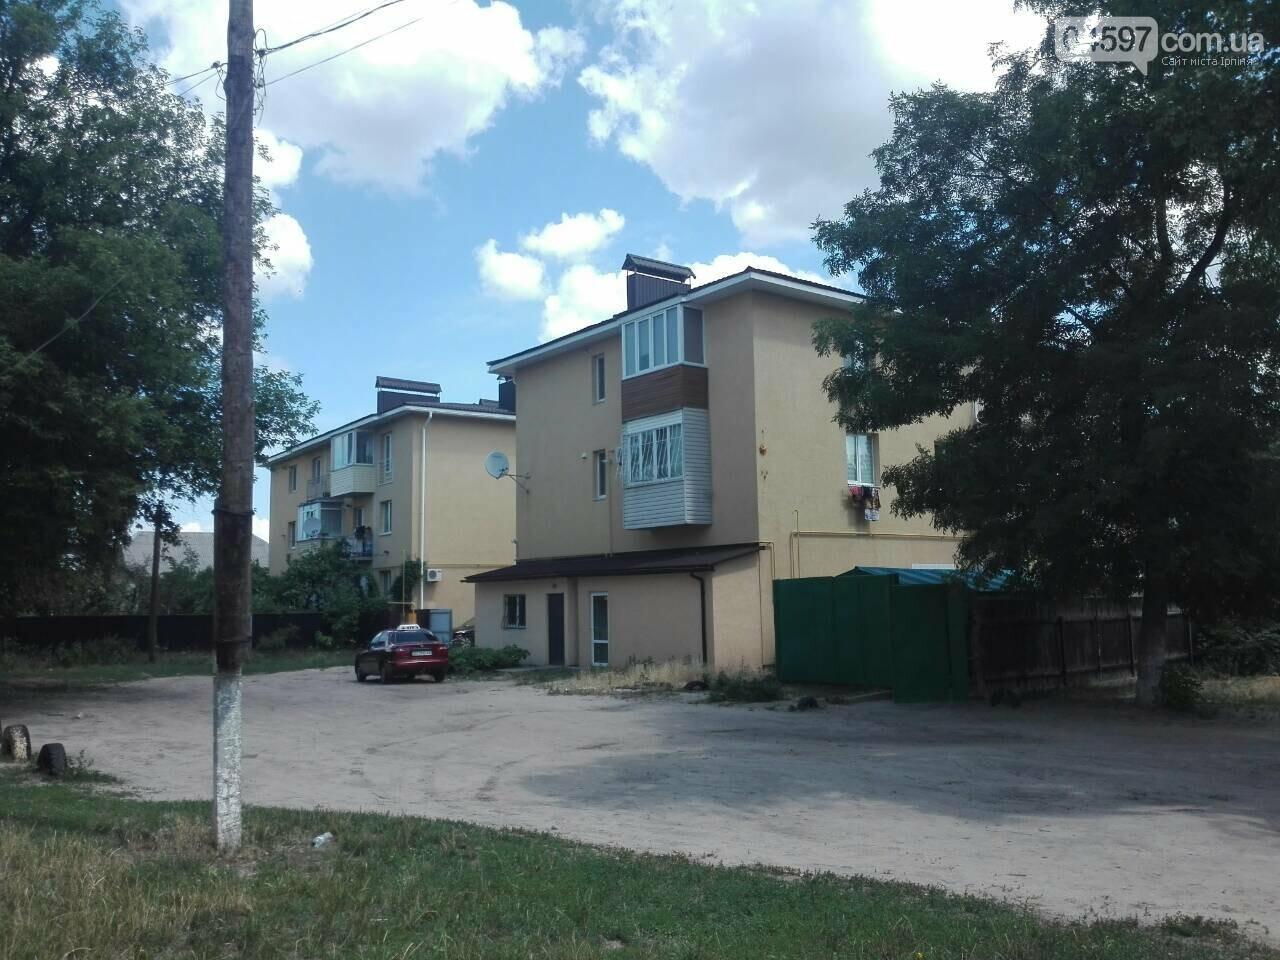 Міський будинок культури ГДК знаходиться в жахливому стані (Фото), фото-2